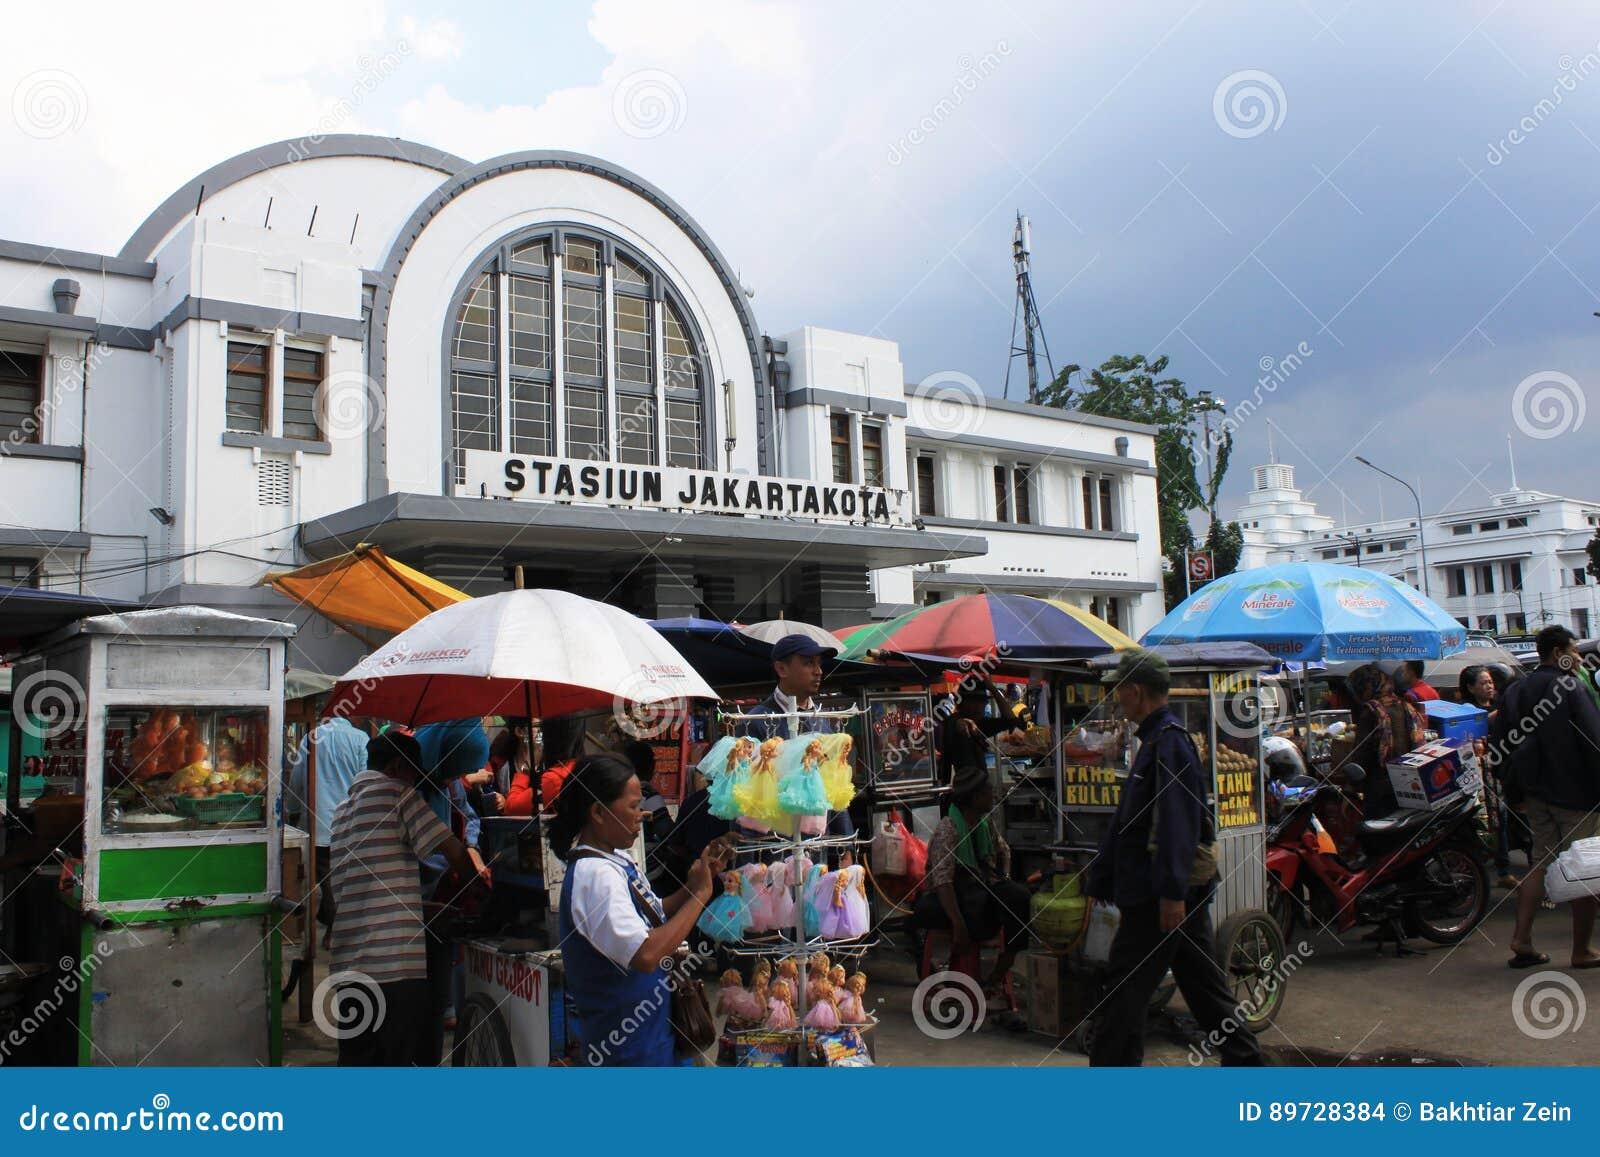 Station för drev för Stasiun kota gammal i Jakarta Indonesien holländsk kolonial byggnad med den främsta gatuförsäljaren